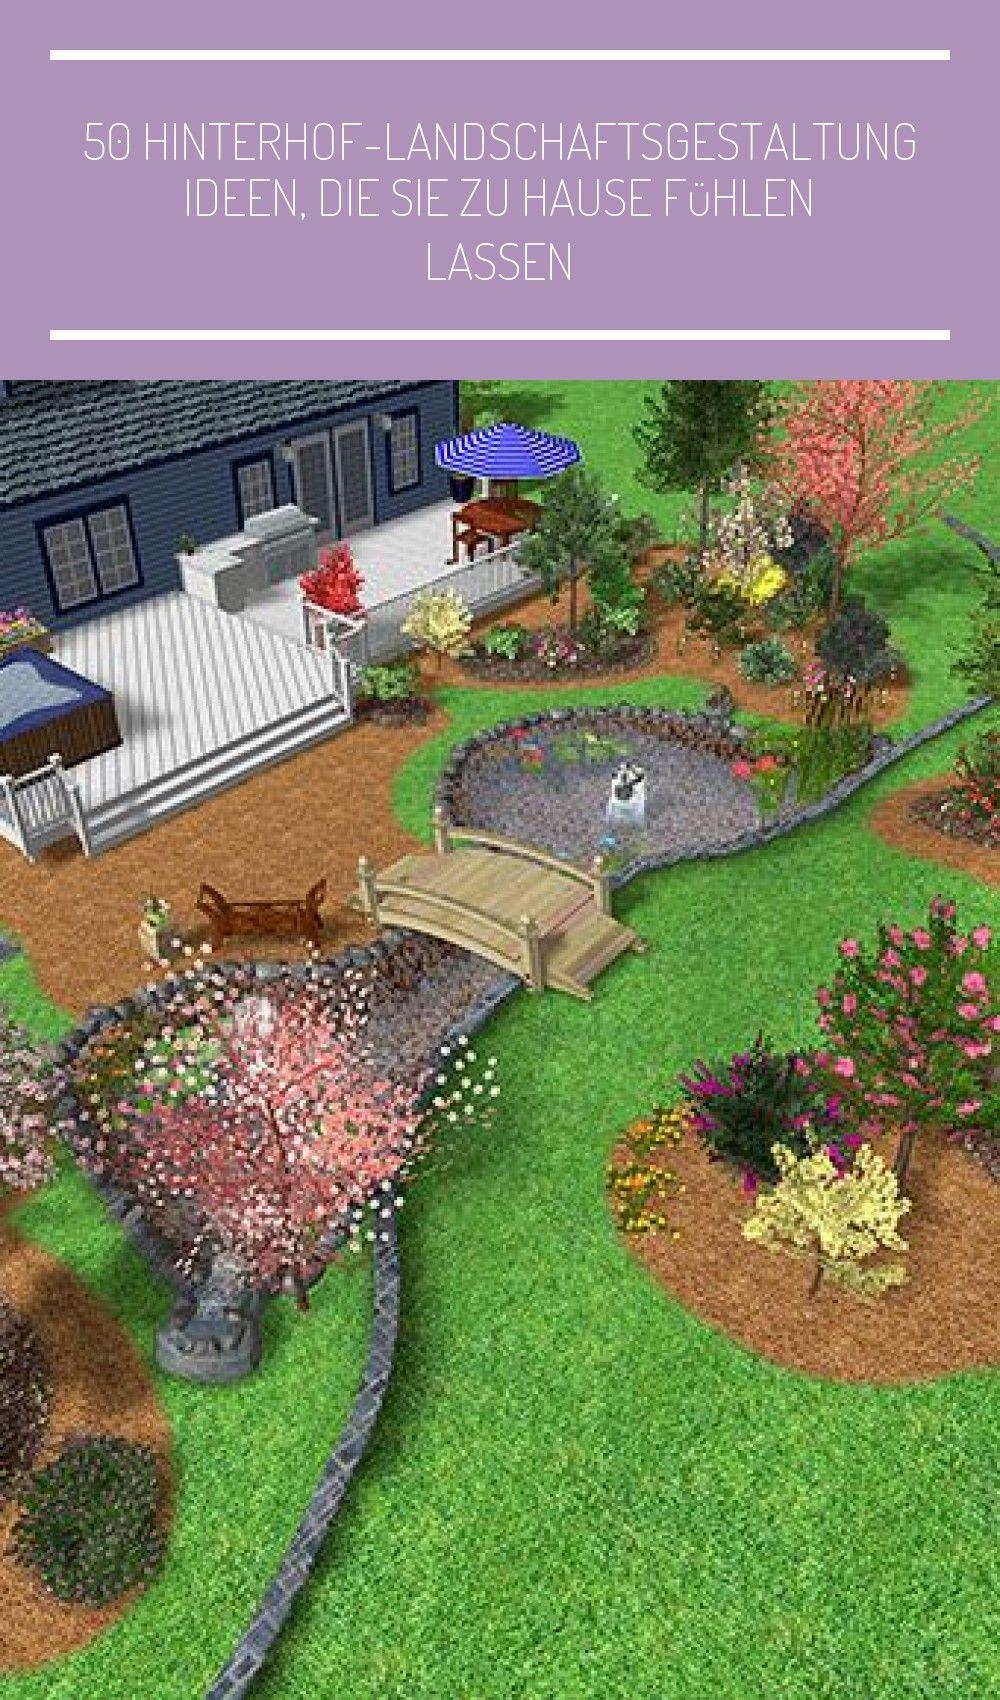 50 Hinterhof Landschaftsgestal Backyard Landscaping Large Yard Landscaping Backyard